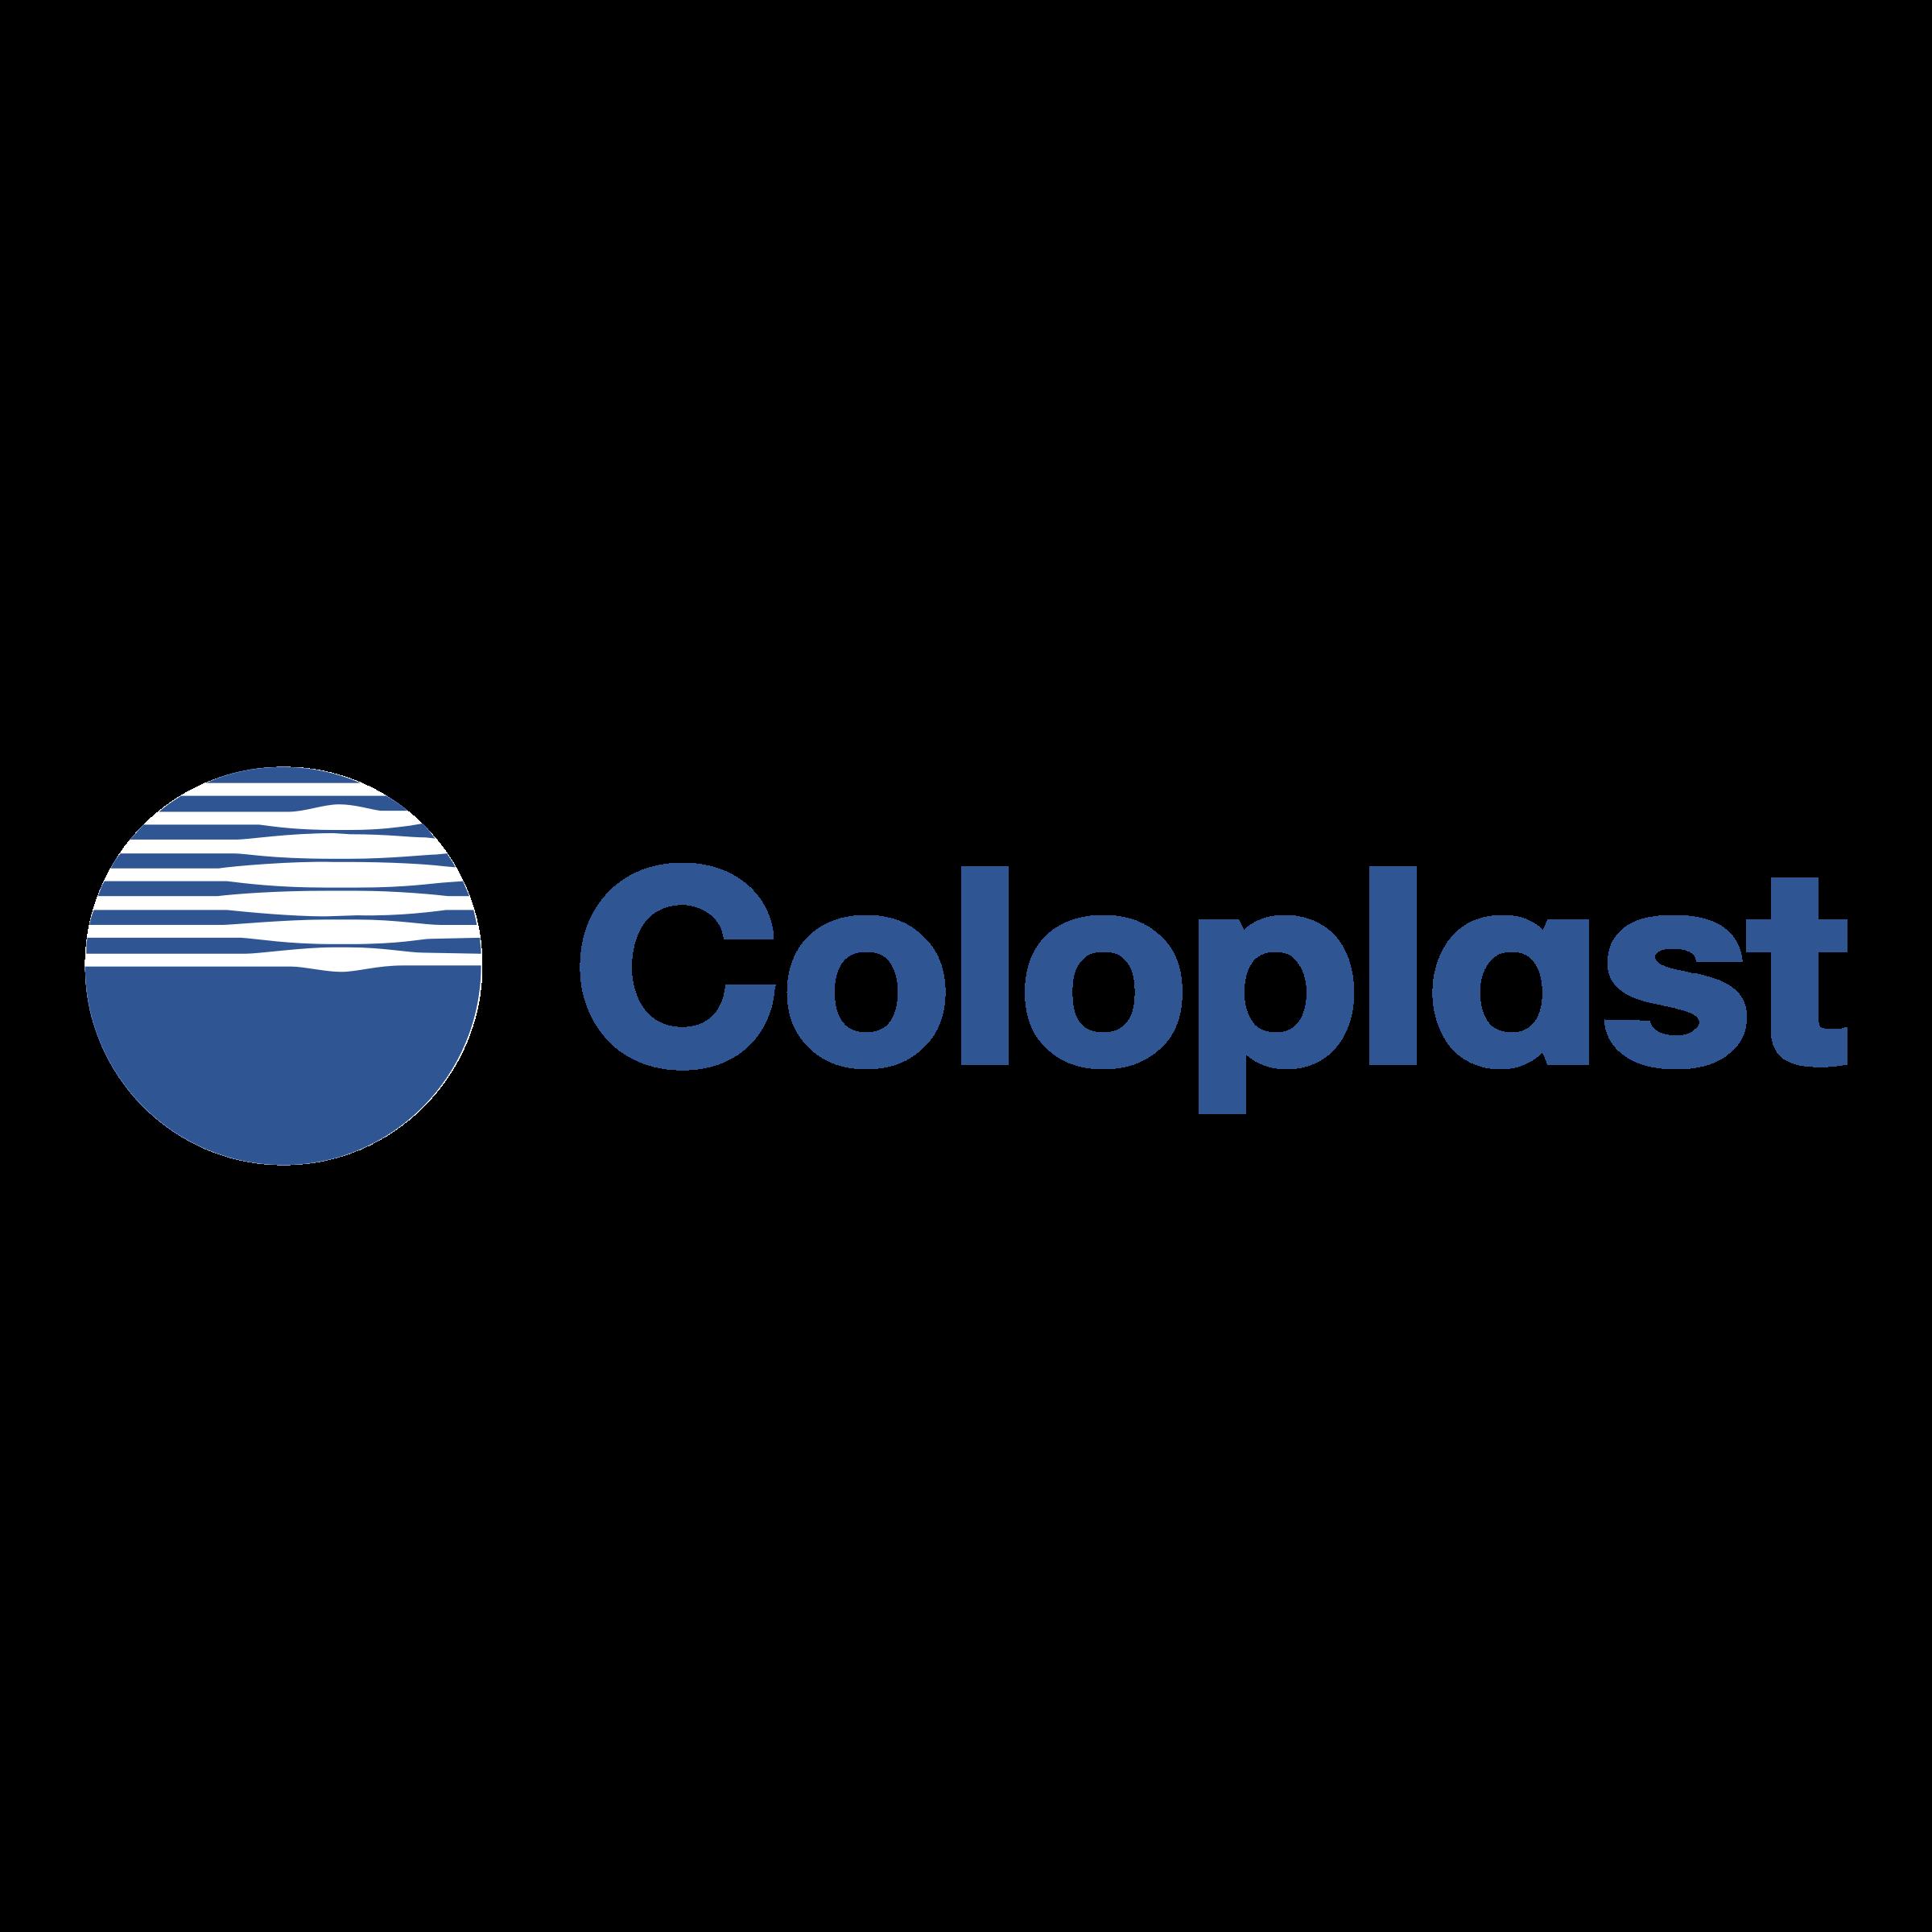 Coloplast Logo PNG Transparent & SVG Vector.